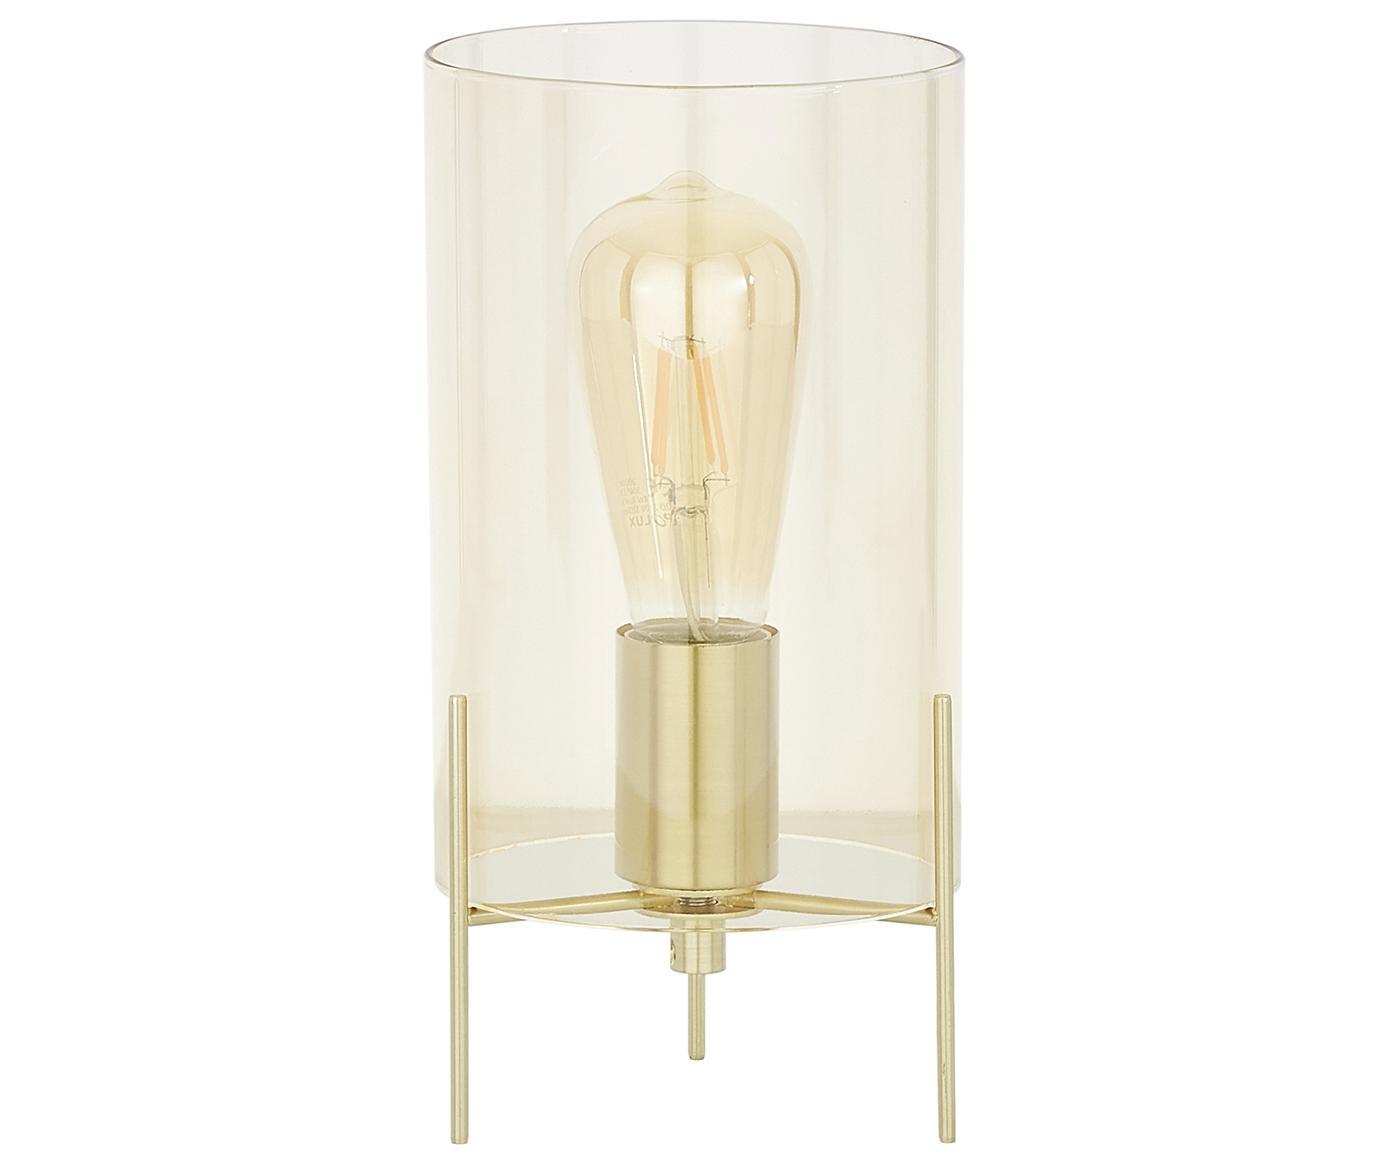 Tischleuchte Laurel aus farbigem Glas, Lampenfuß: Metall, gebürstet, Lampenschirm: Glas, Lampenschirm: BernsteinfarbenLampenfuß: MessingfarbenKabel: Transparent, Ø 14 x H 28 cm